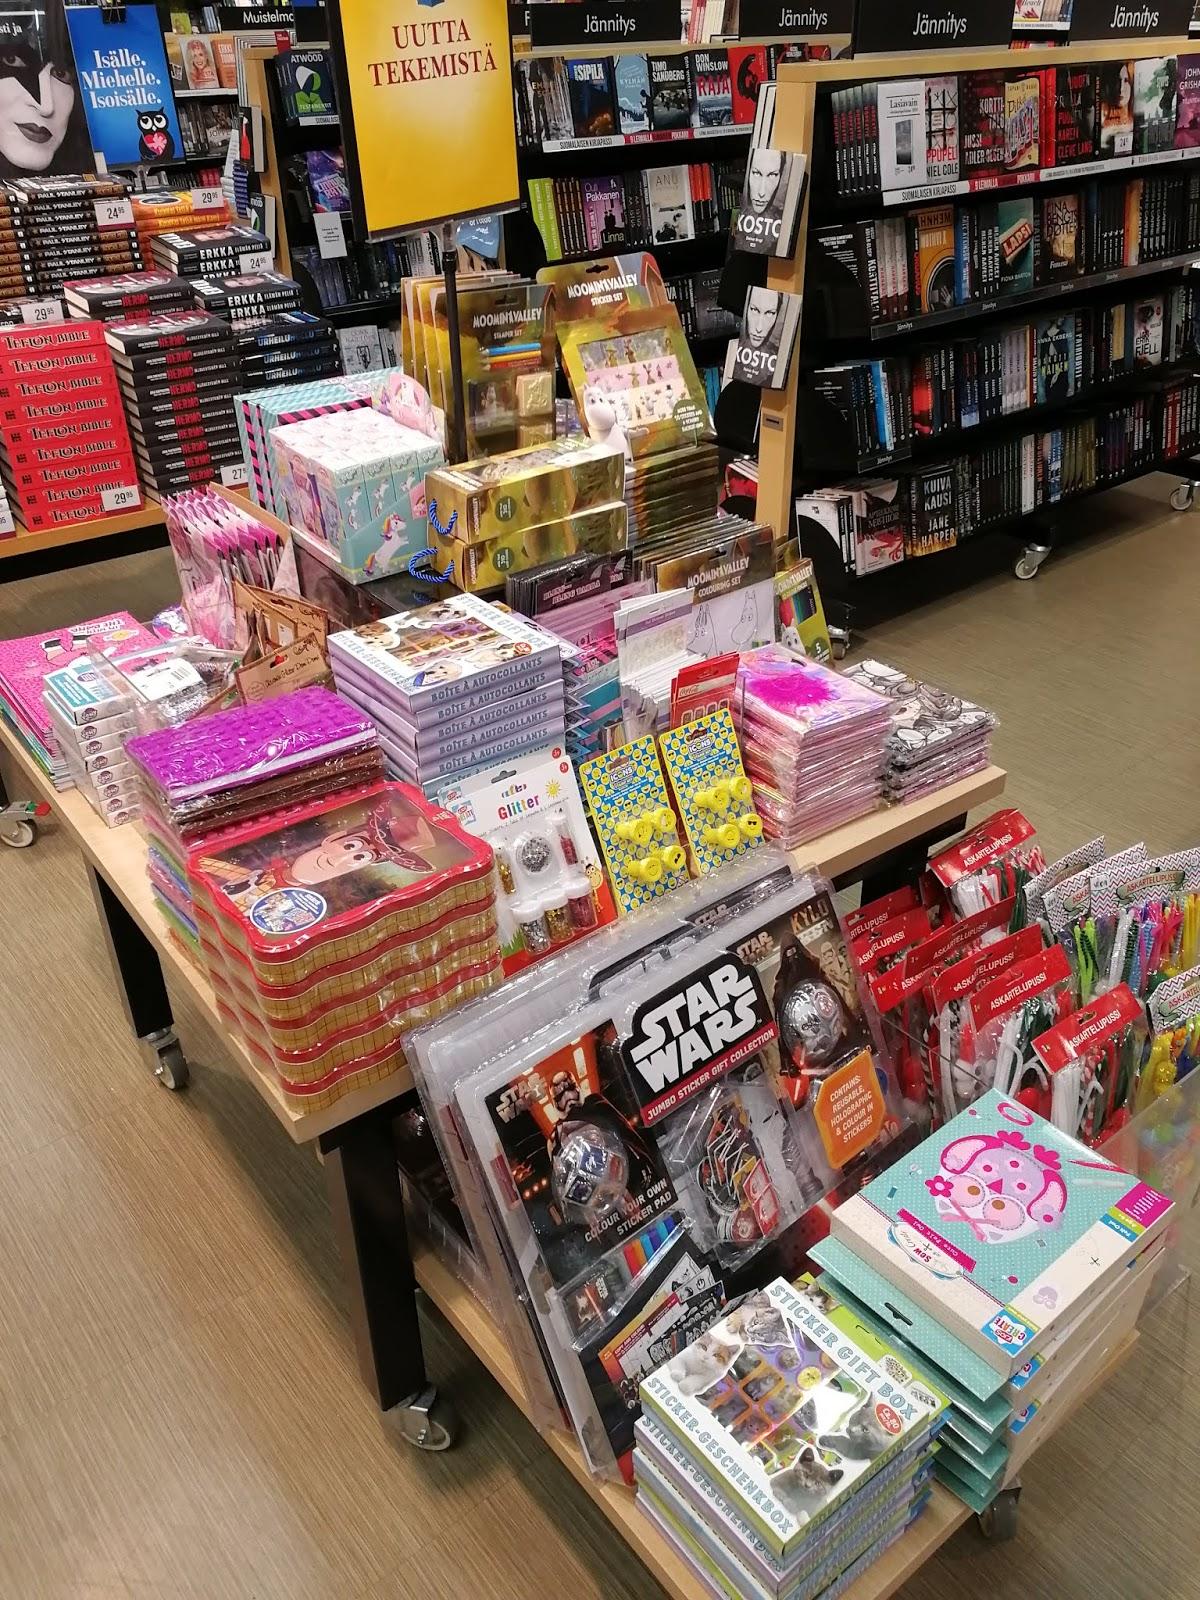 pöytäesillepano suomalainen kirjakauppa starwars muumit tarrat uutta tekemistä